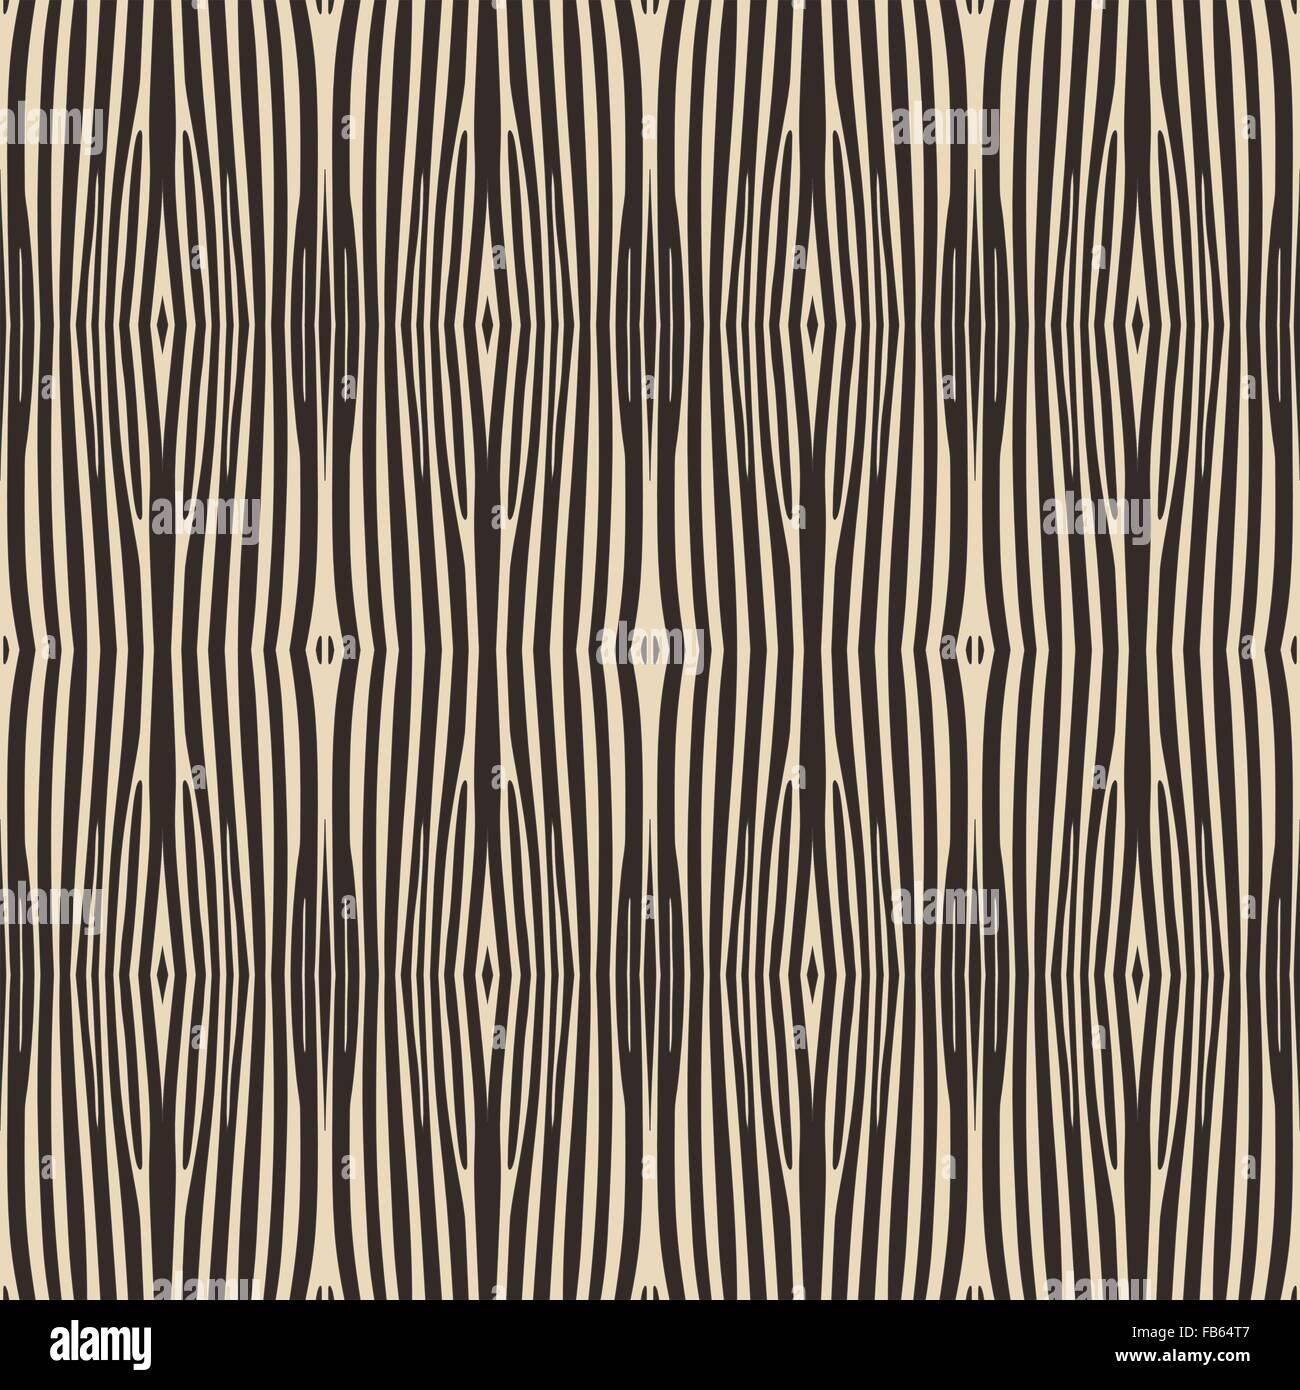 Ungewöhnlich Zebrastreifen Vorlage Bilder - Beispielzusammenfassung ...